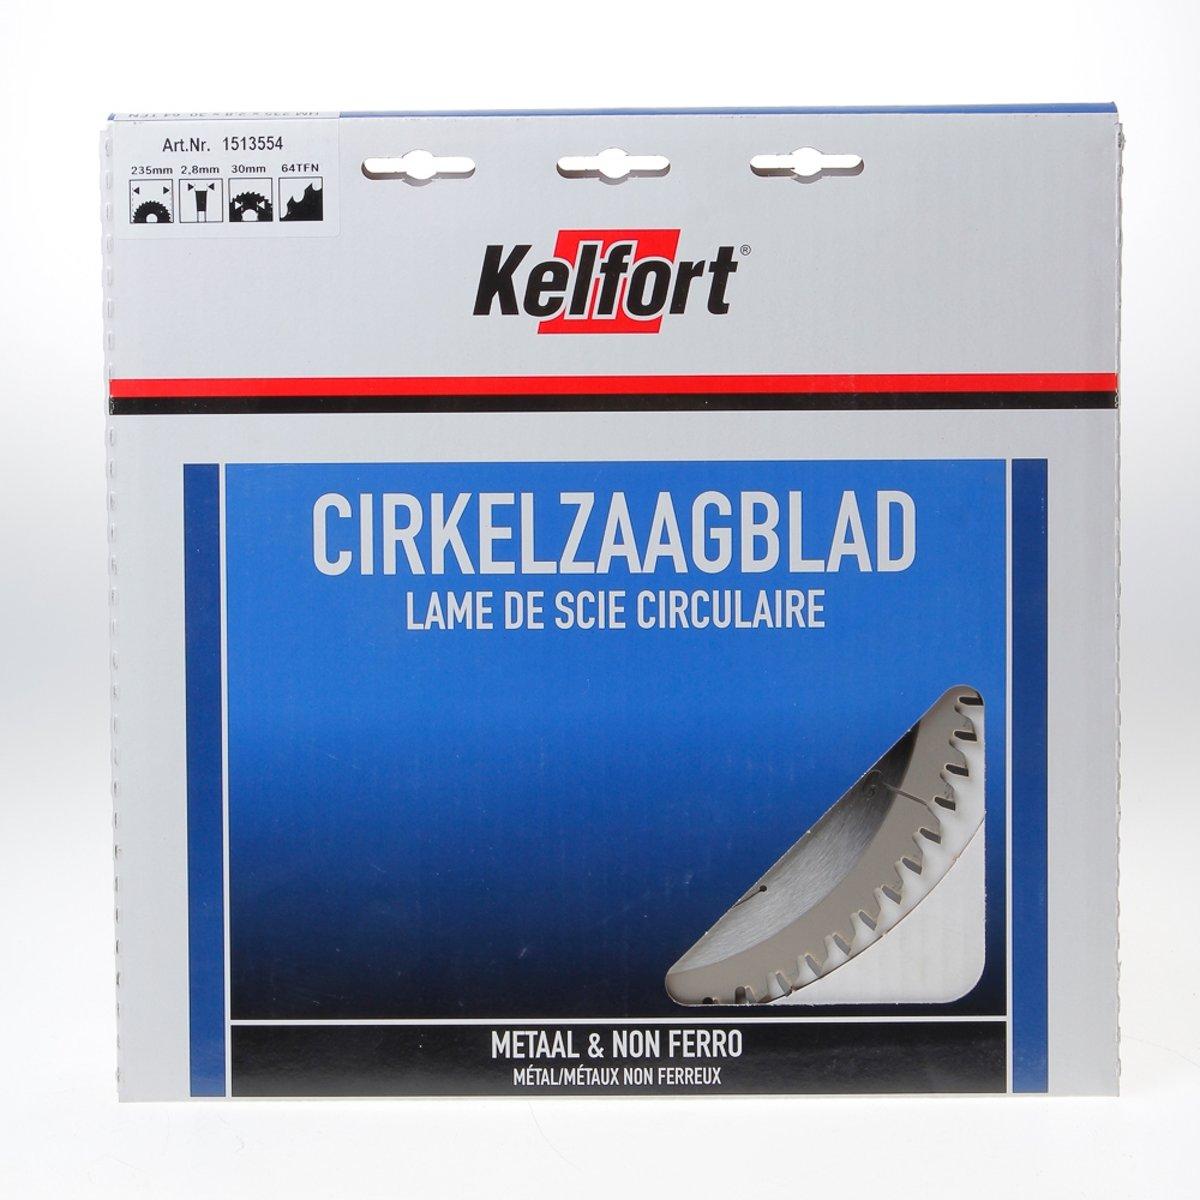 Kelfort Cirkelzaagblad hardmetaal 64 tanden TF(NEG) diameter 235 x 30mm